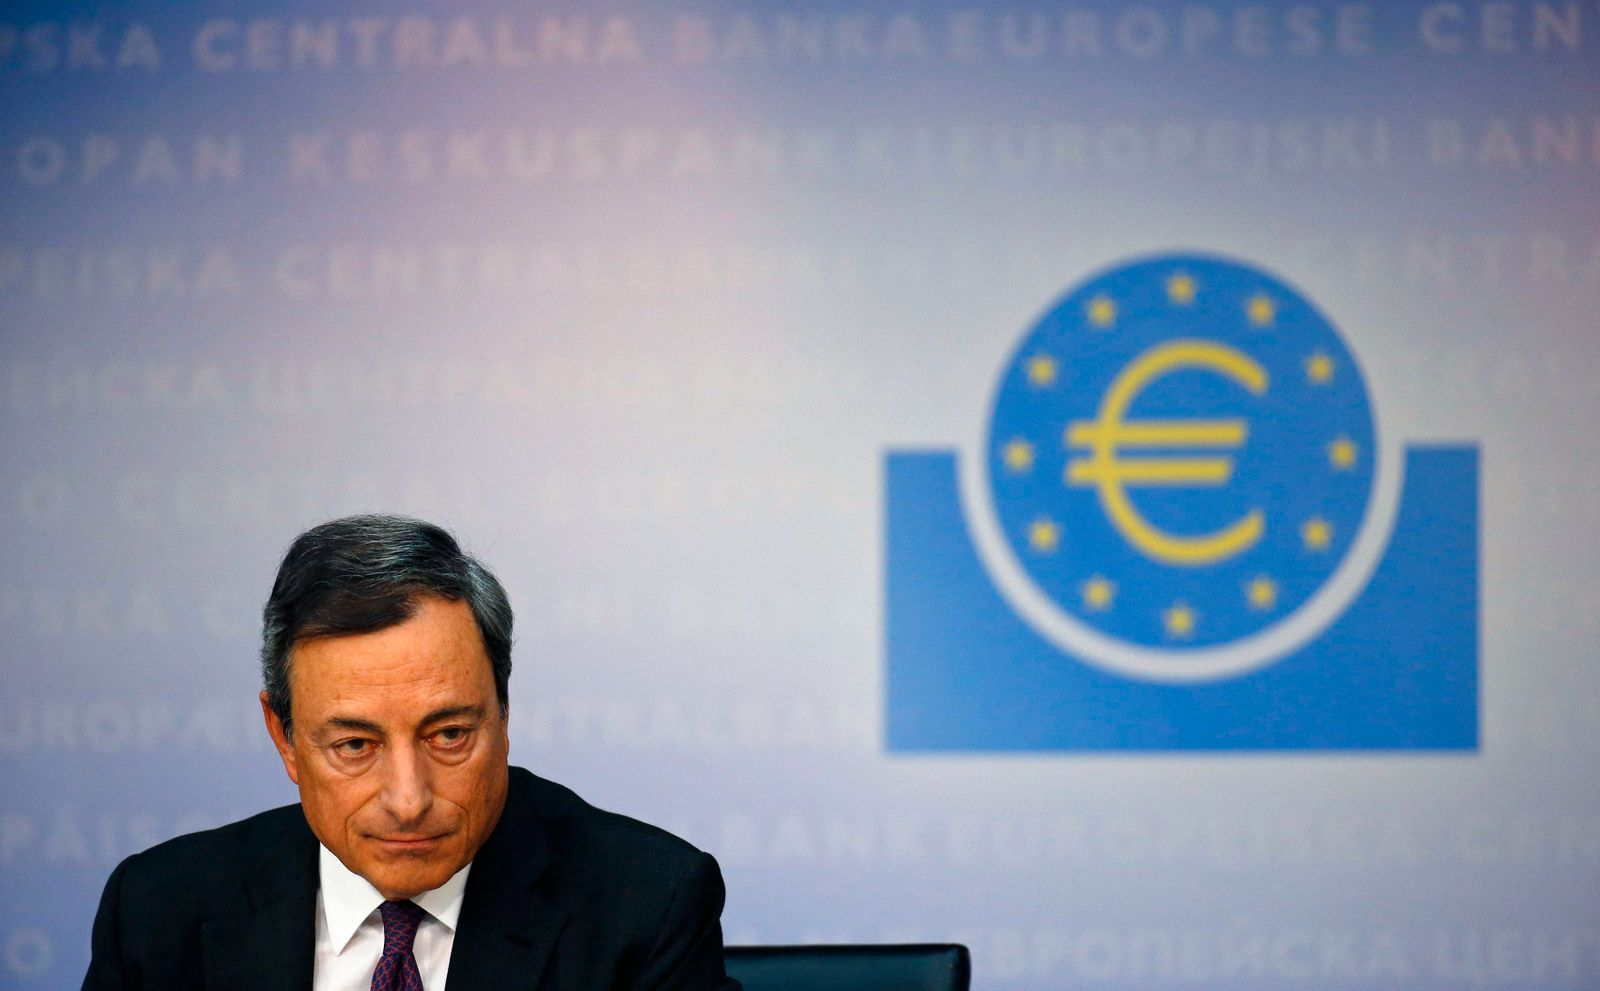 EZB Draghi